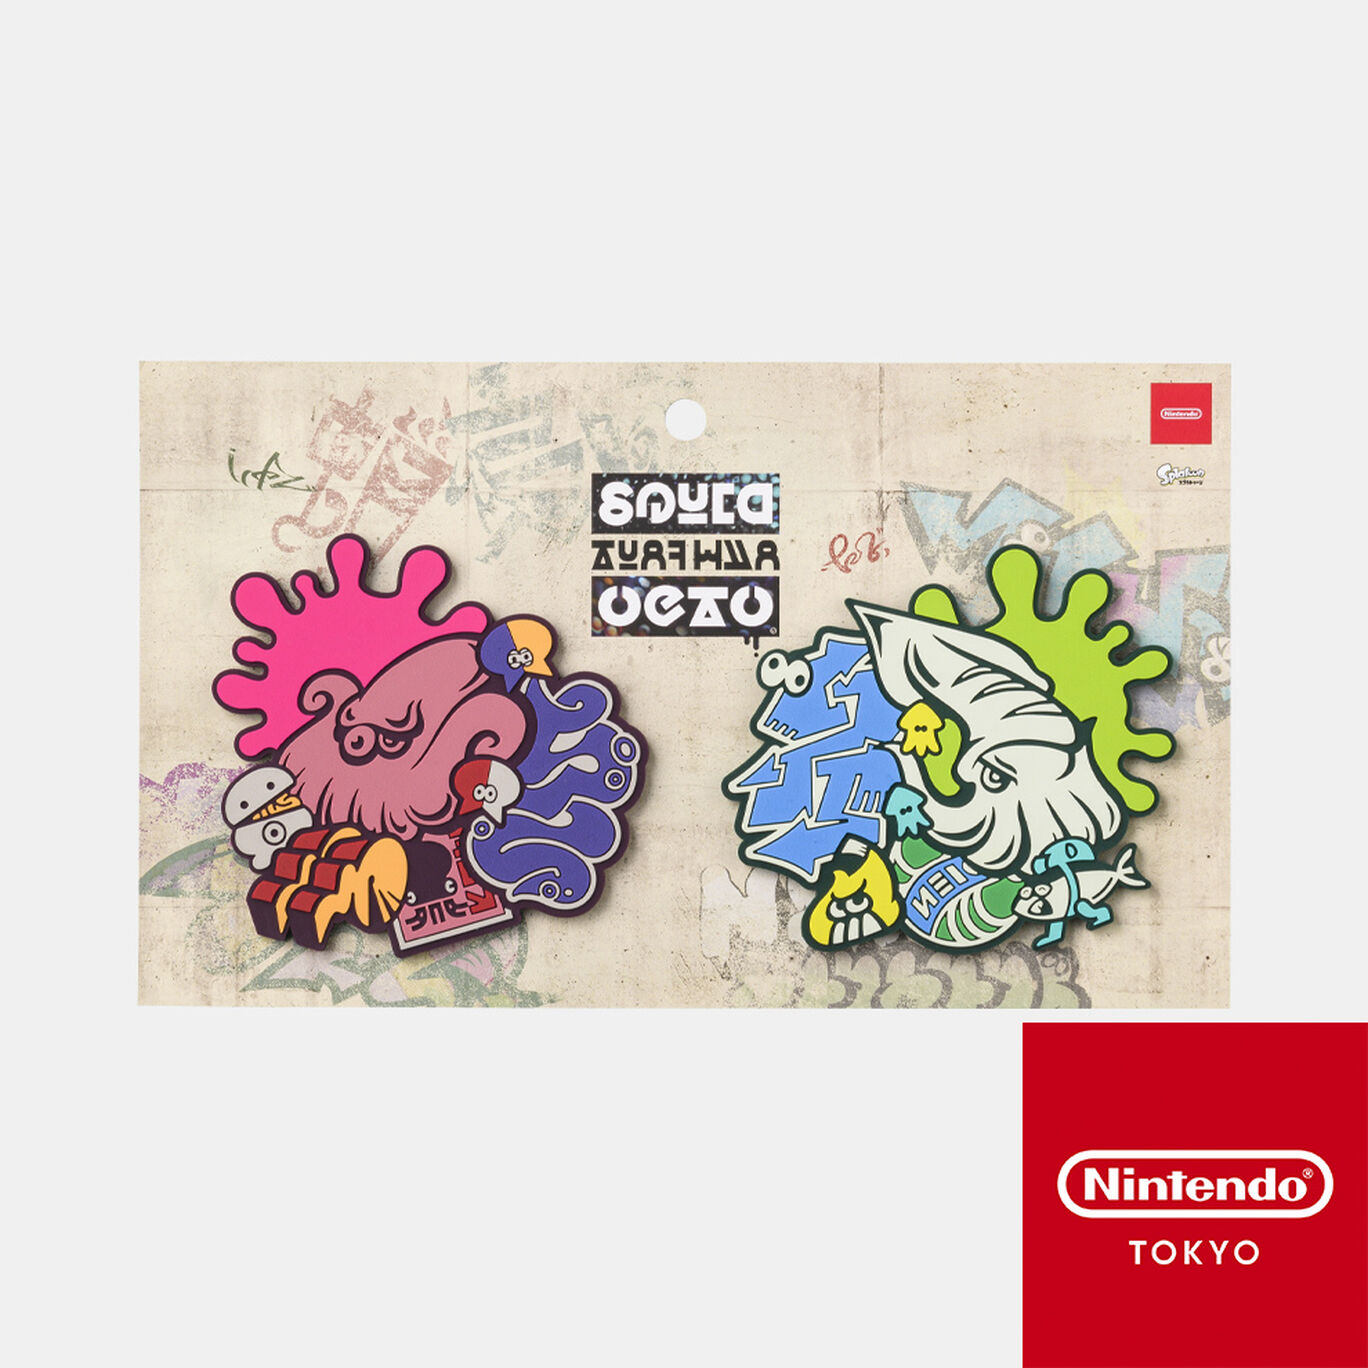 ラバーコースターセット SQUID or OCTO Splatoon【Nintendo TOKYO取り扱い商品】